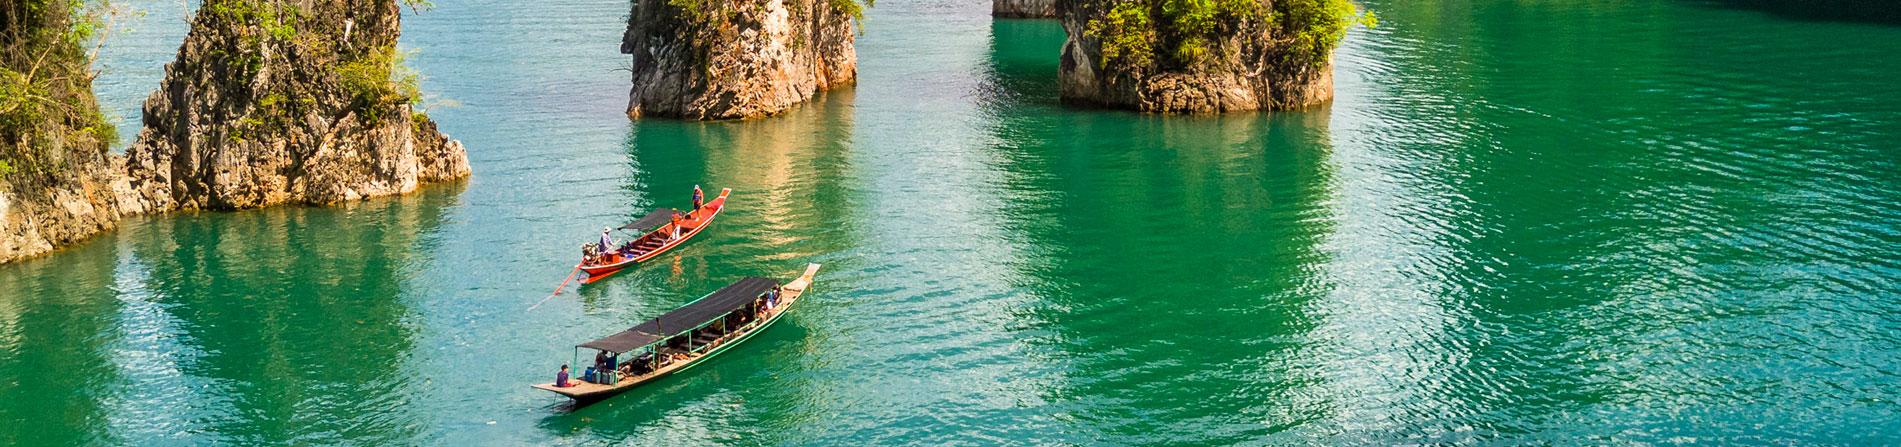 Thailand – 05